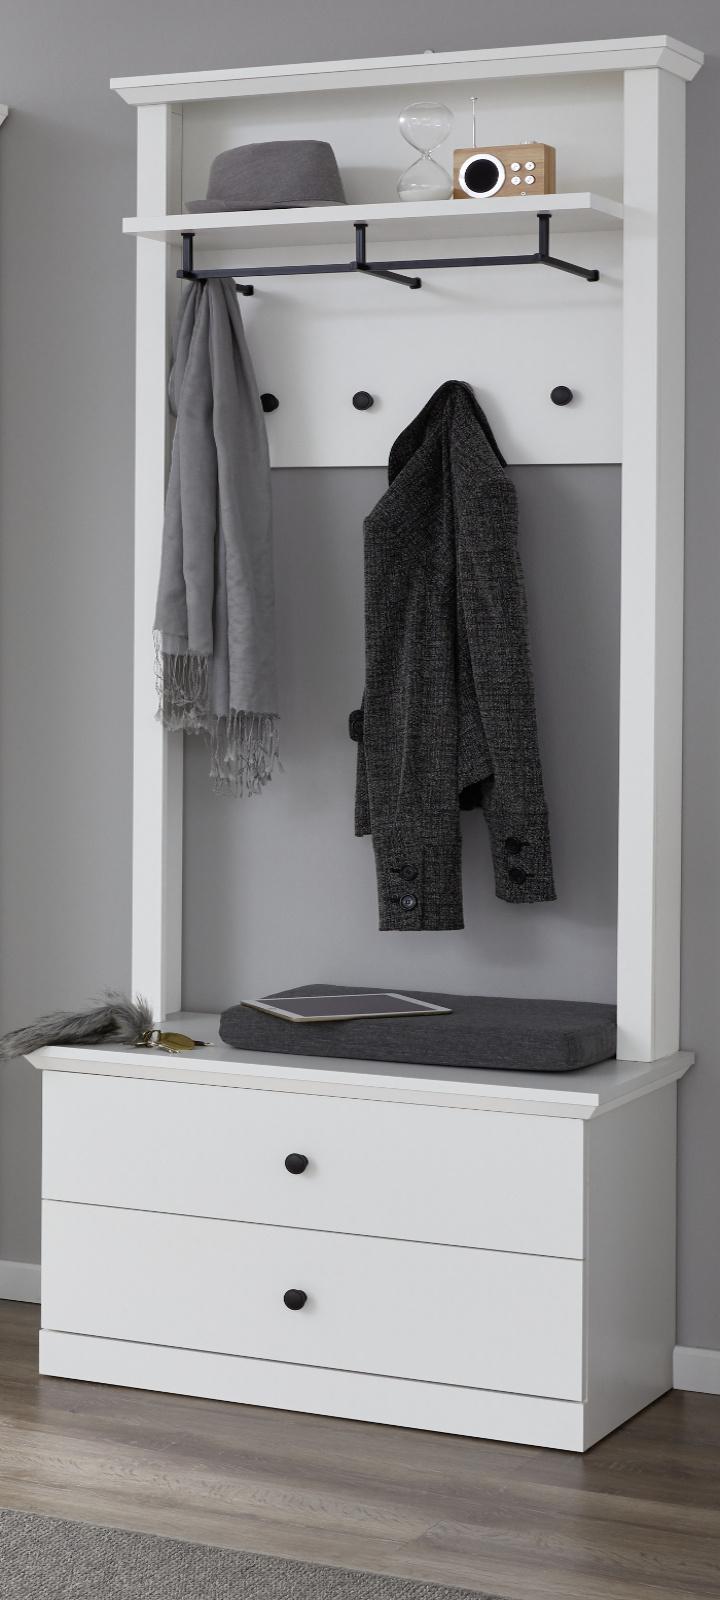 garderobenset baxter in wei 2 teilig. Black Bedroom Furniture Sets. Home Design Ideas